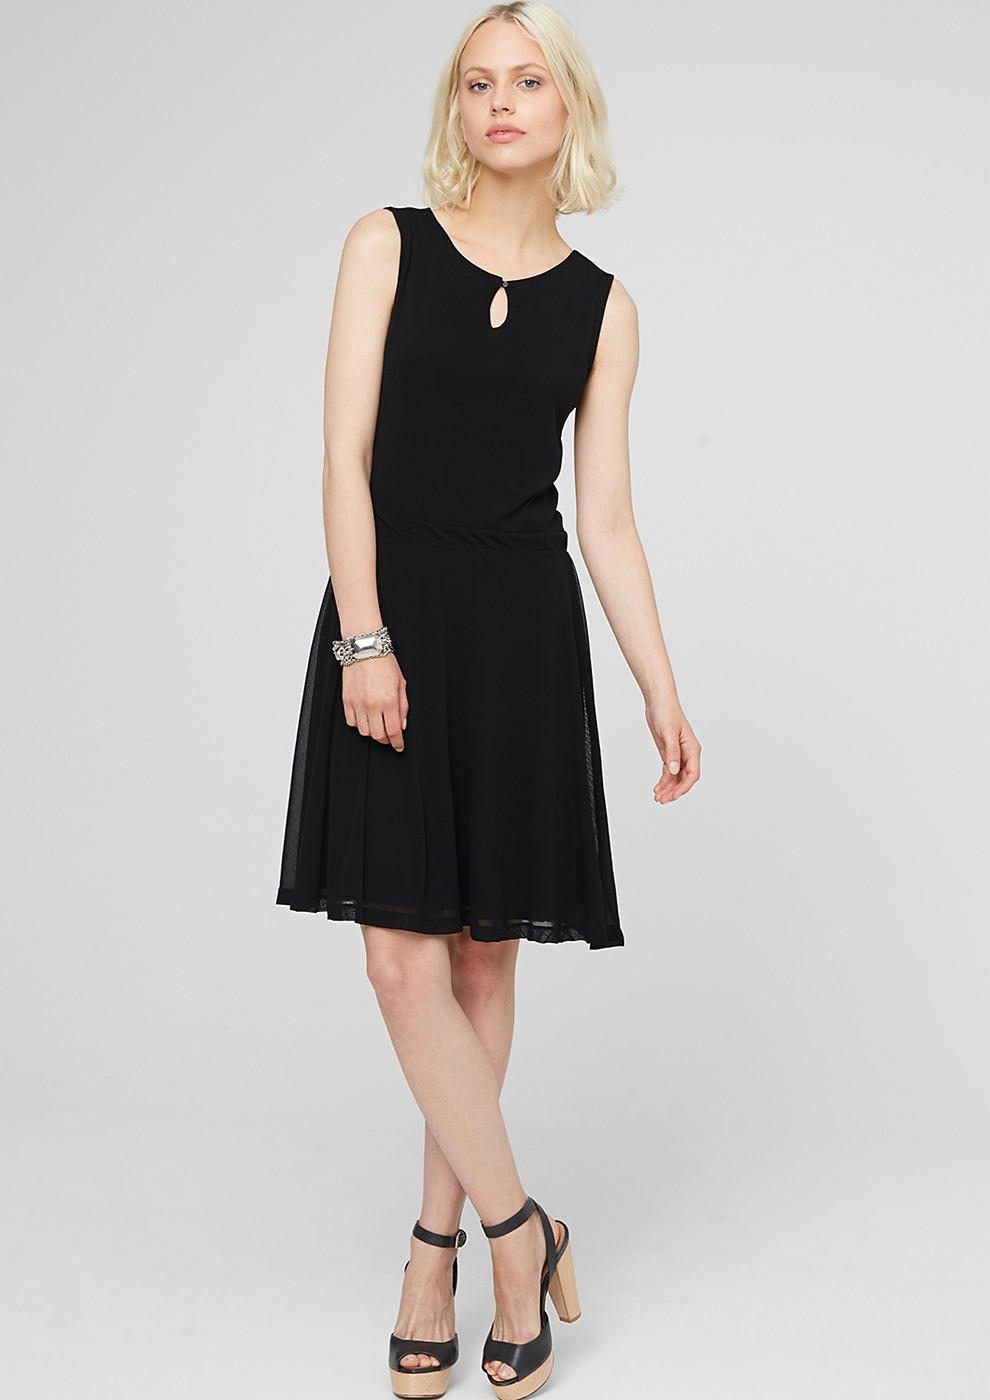 s.Oliver Mesh jurk met zwierig rokgedeelte zwart